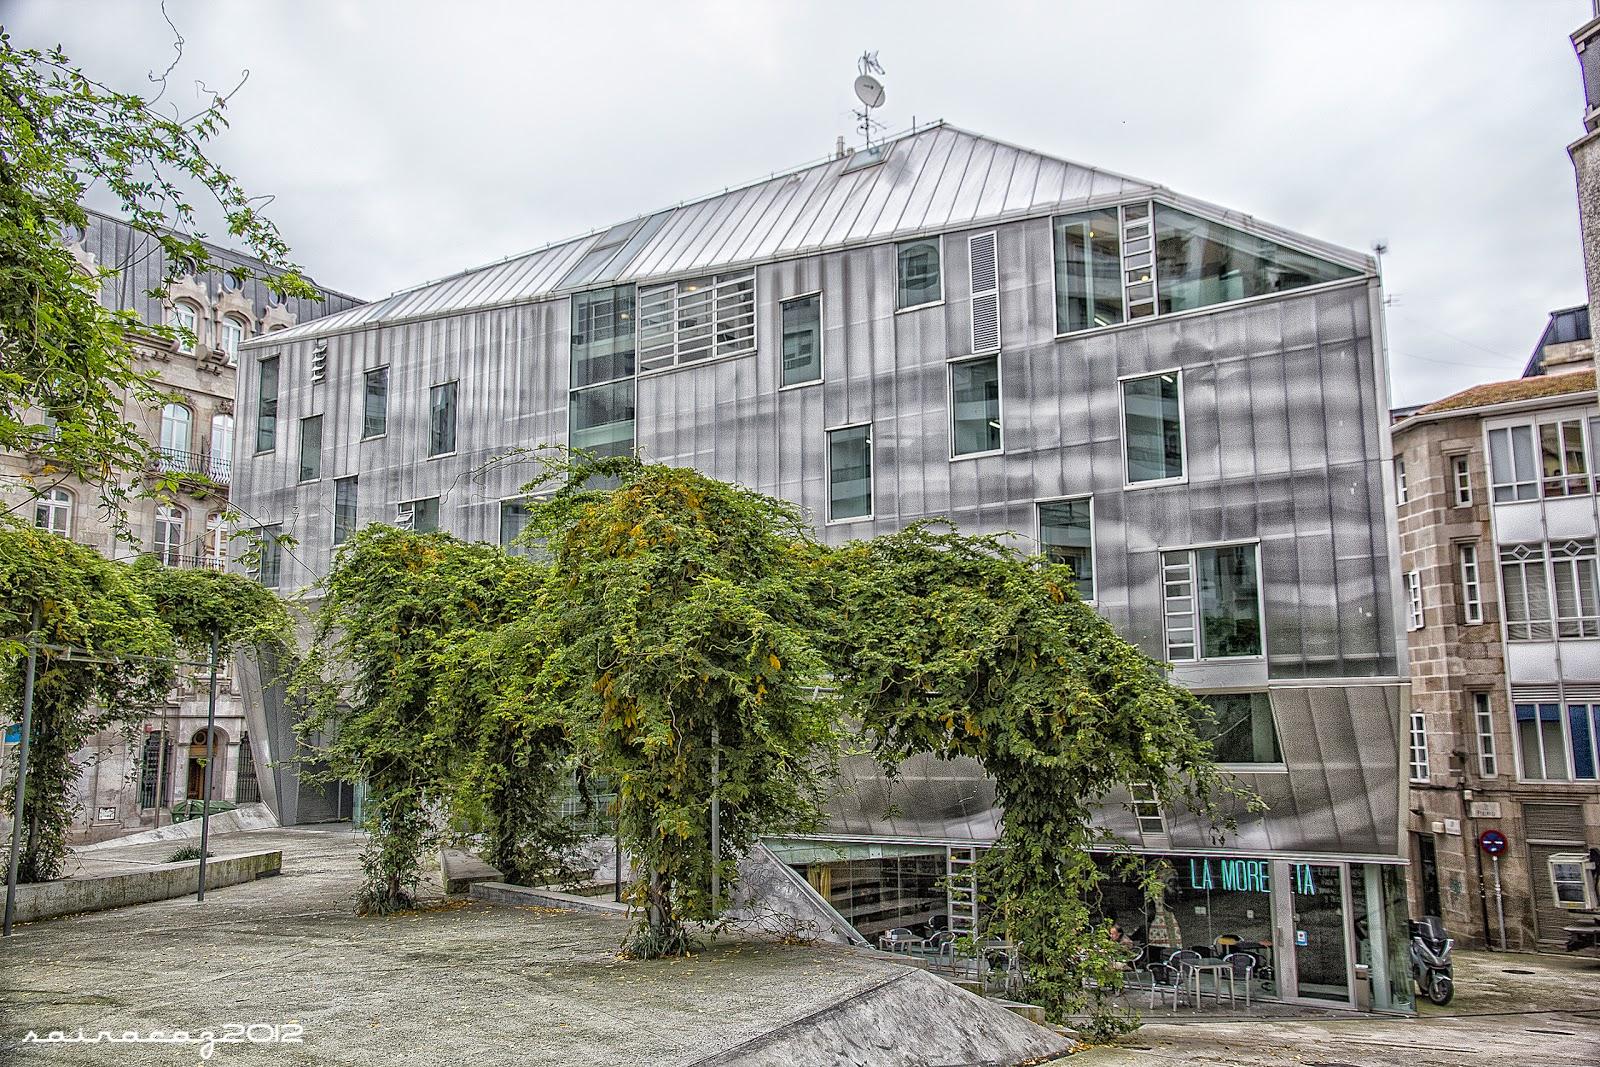 Vigo by sairacaz sede del colegio de arquitectos - Arquitectos vigo ...